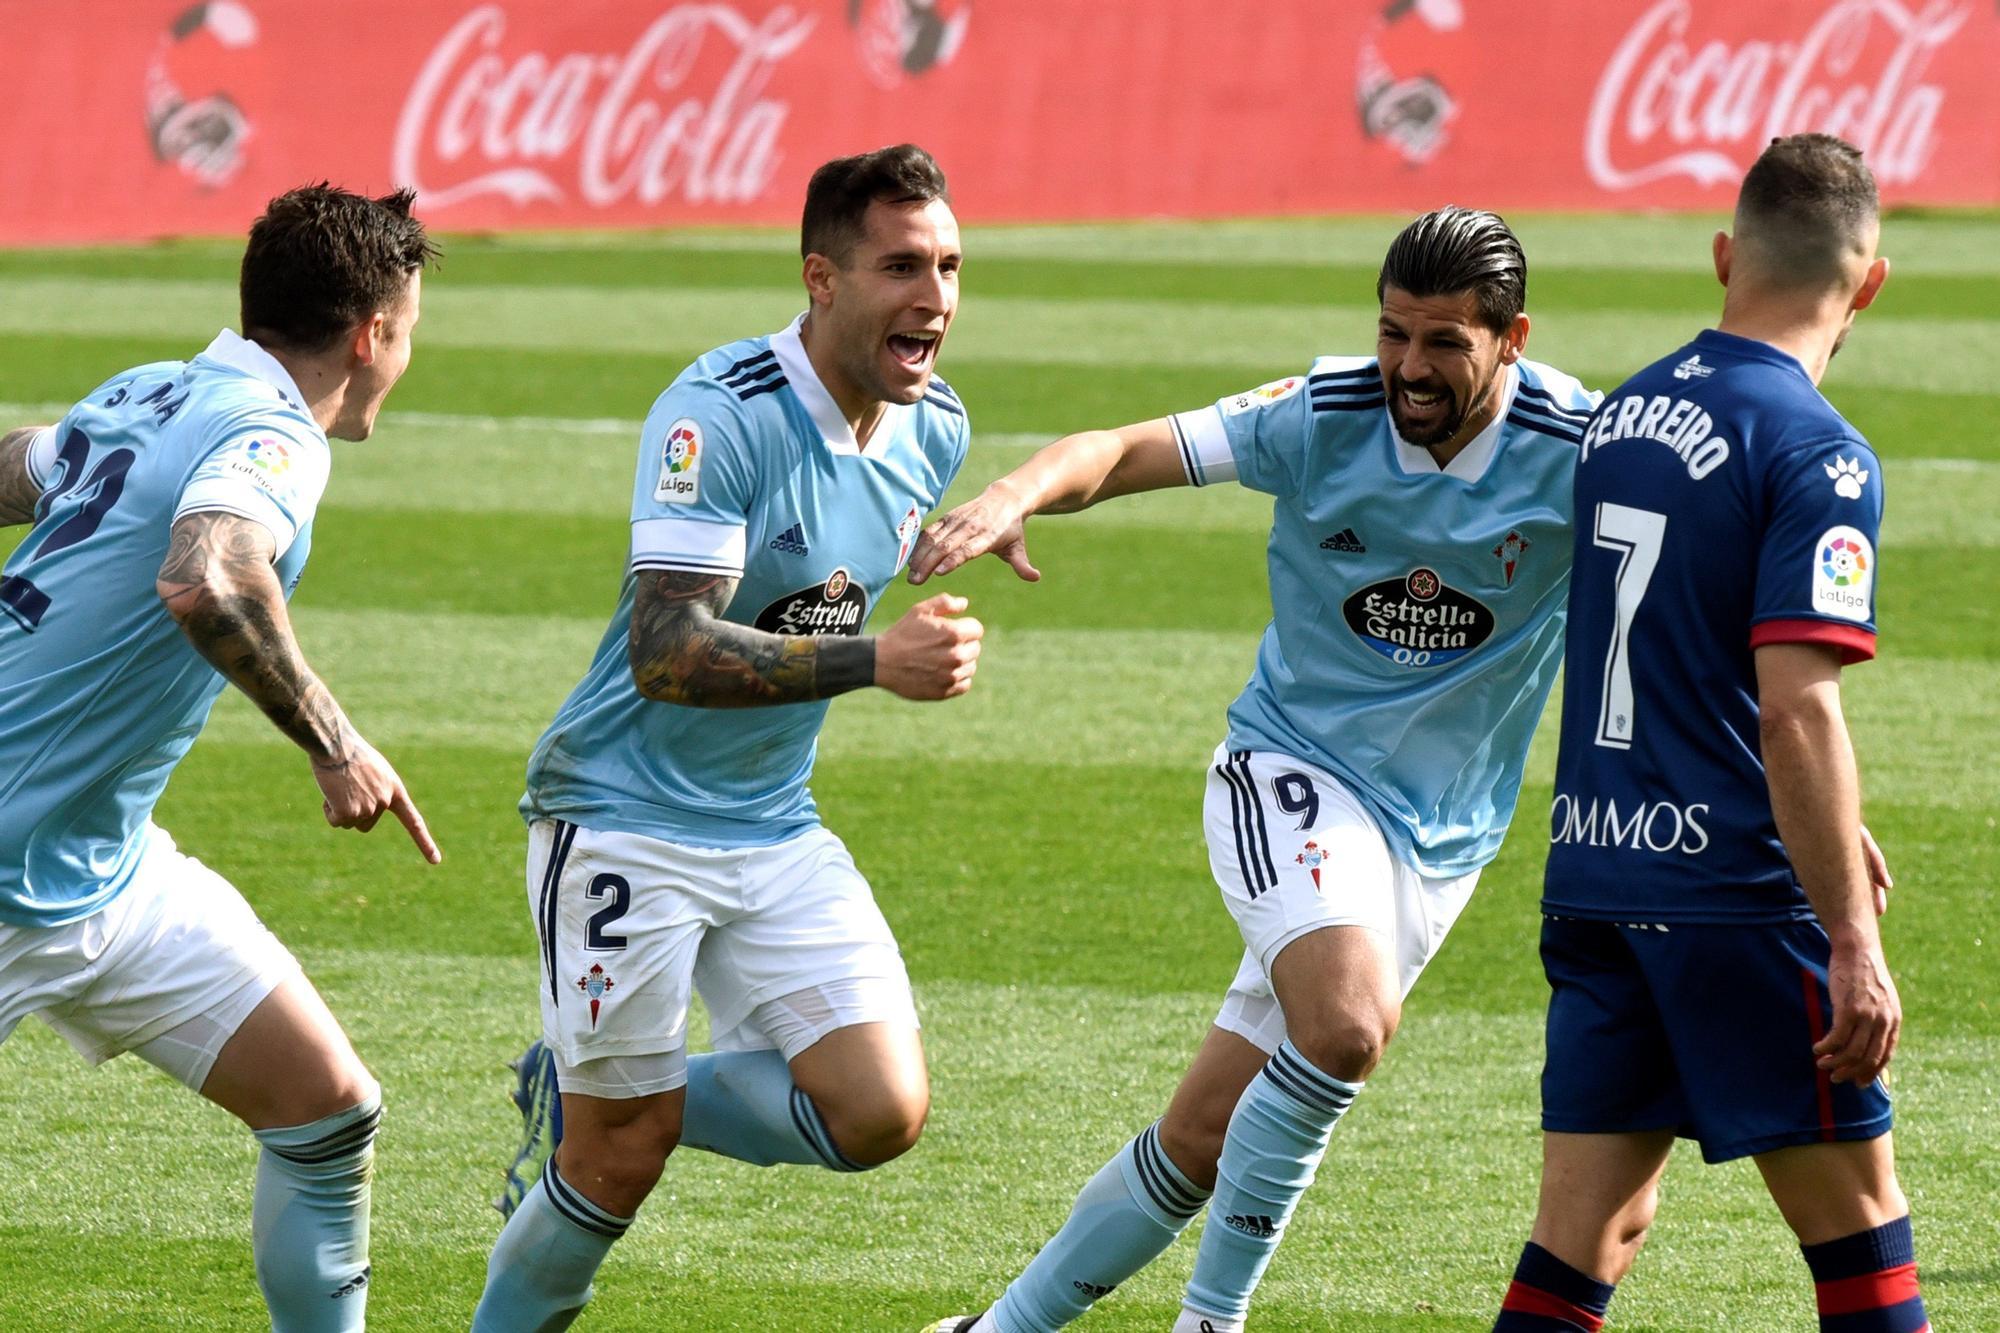 Las mejores imágenes del Huesca - Celta de Vigo